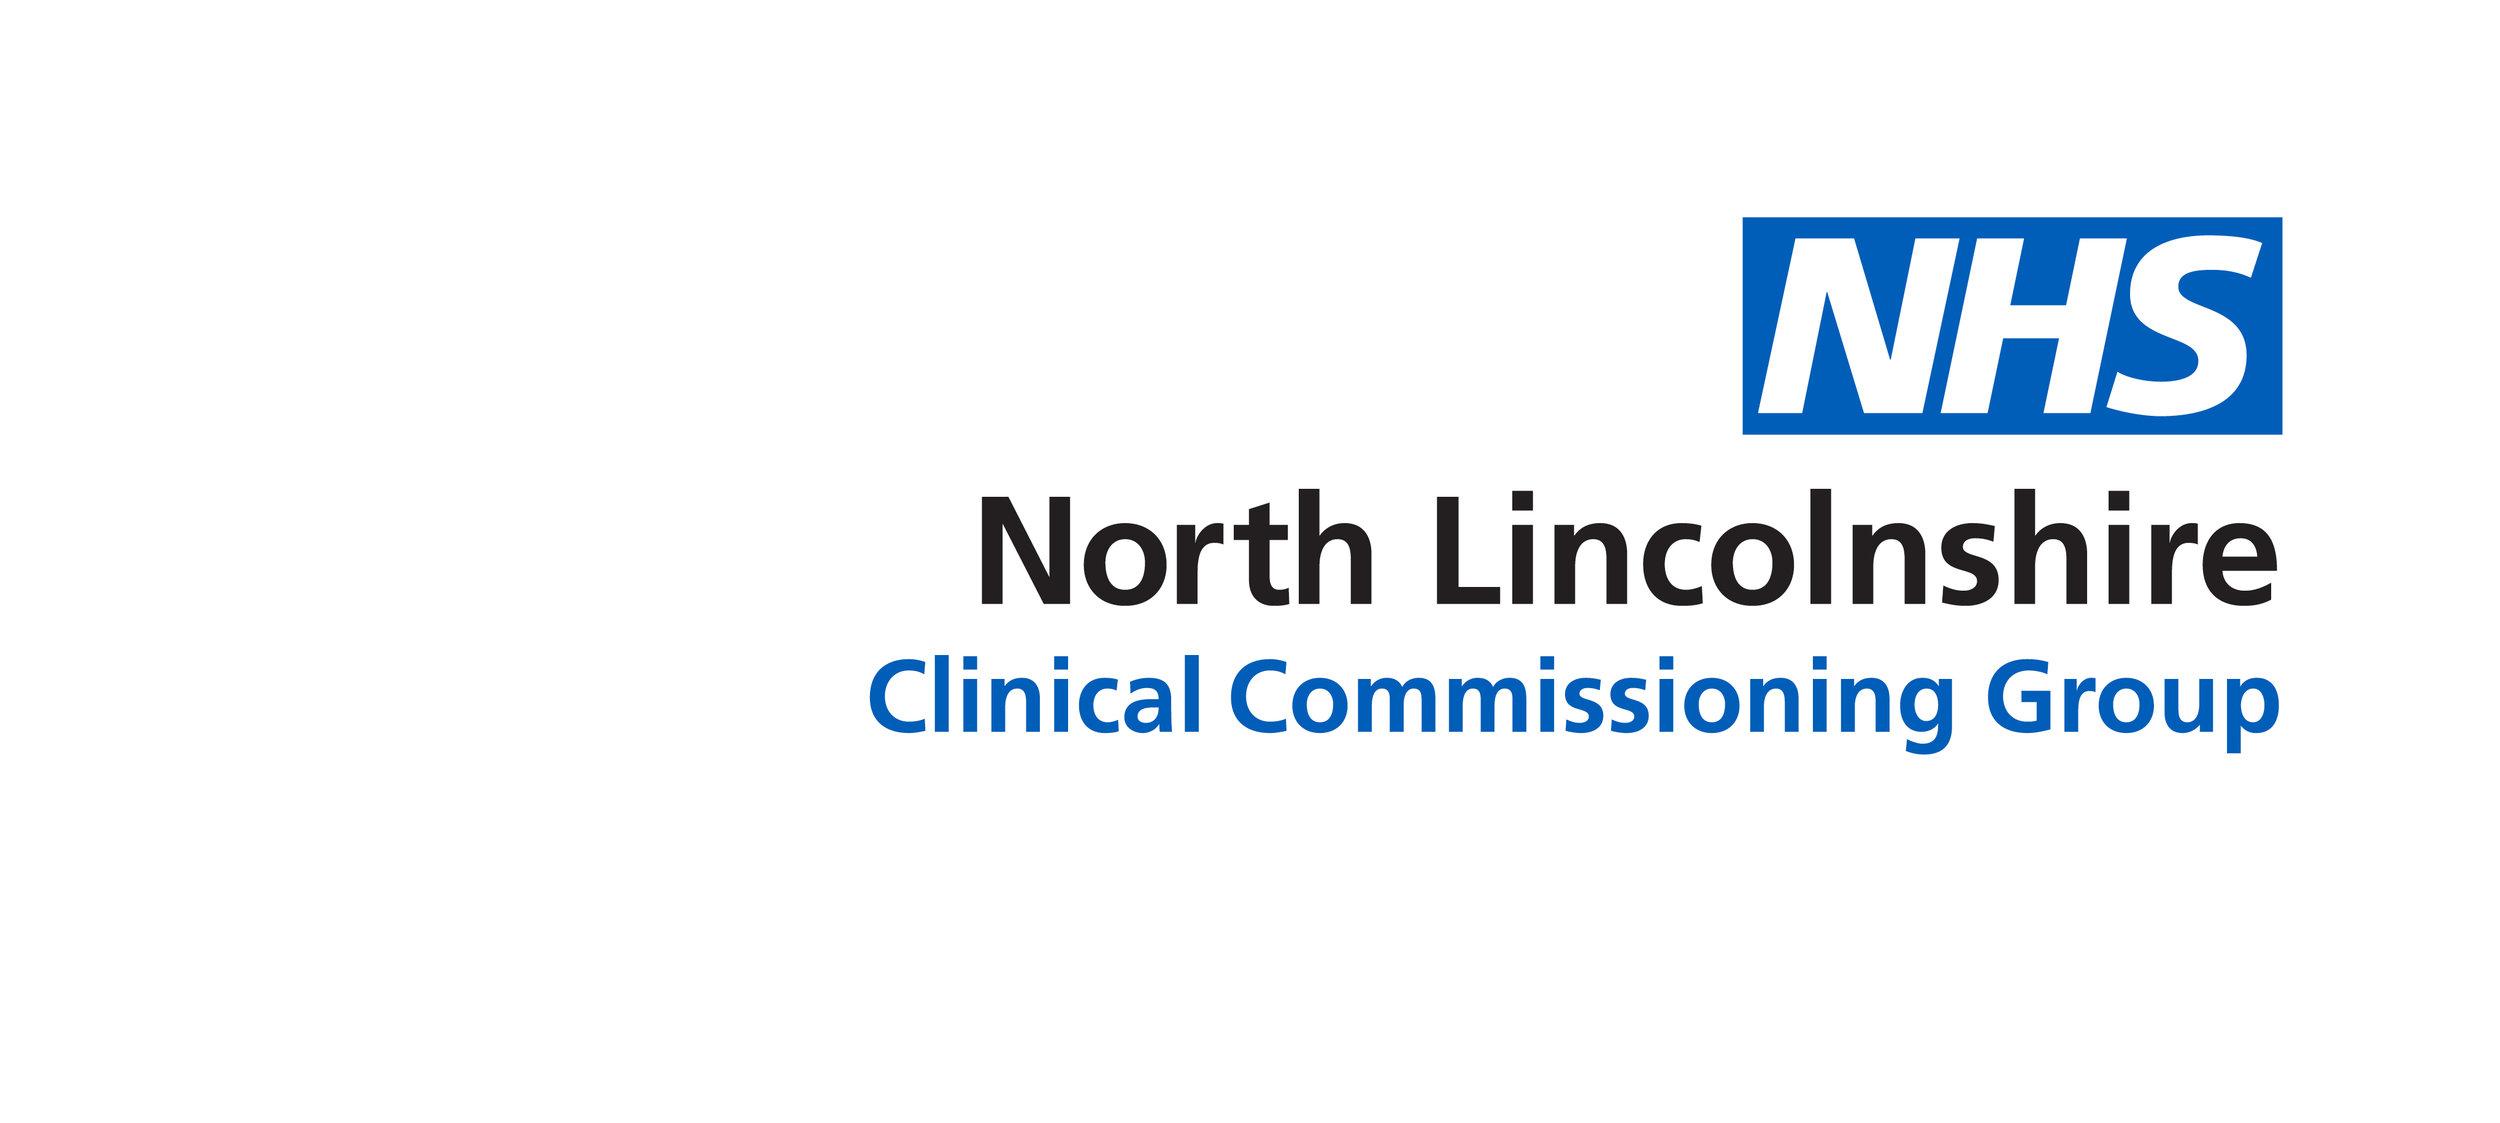 North Lincolnshire CCG ÔÇô RGB Blue.jpg